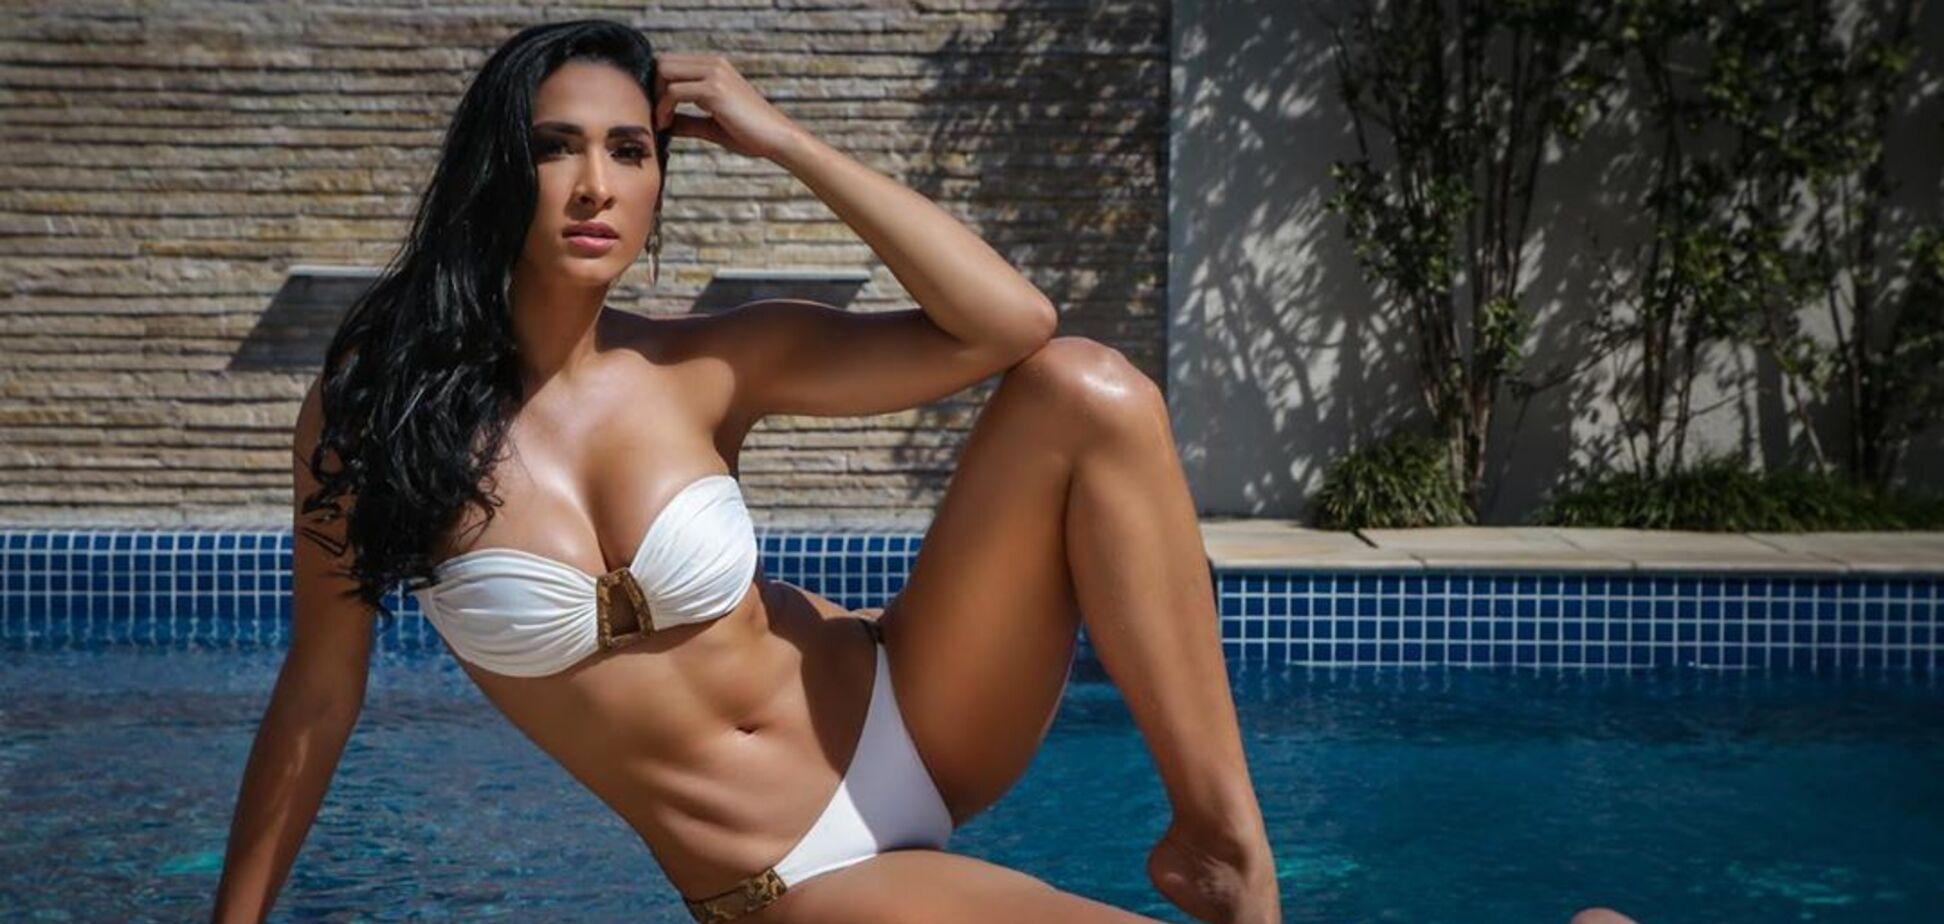 Жаклин Карвалью в белом купальнике